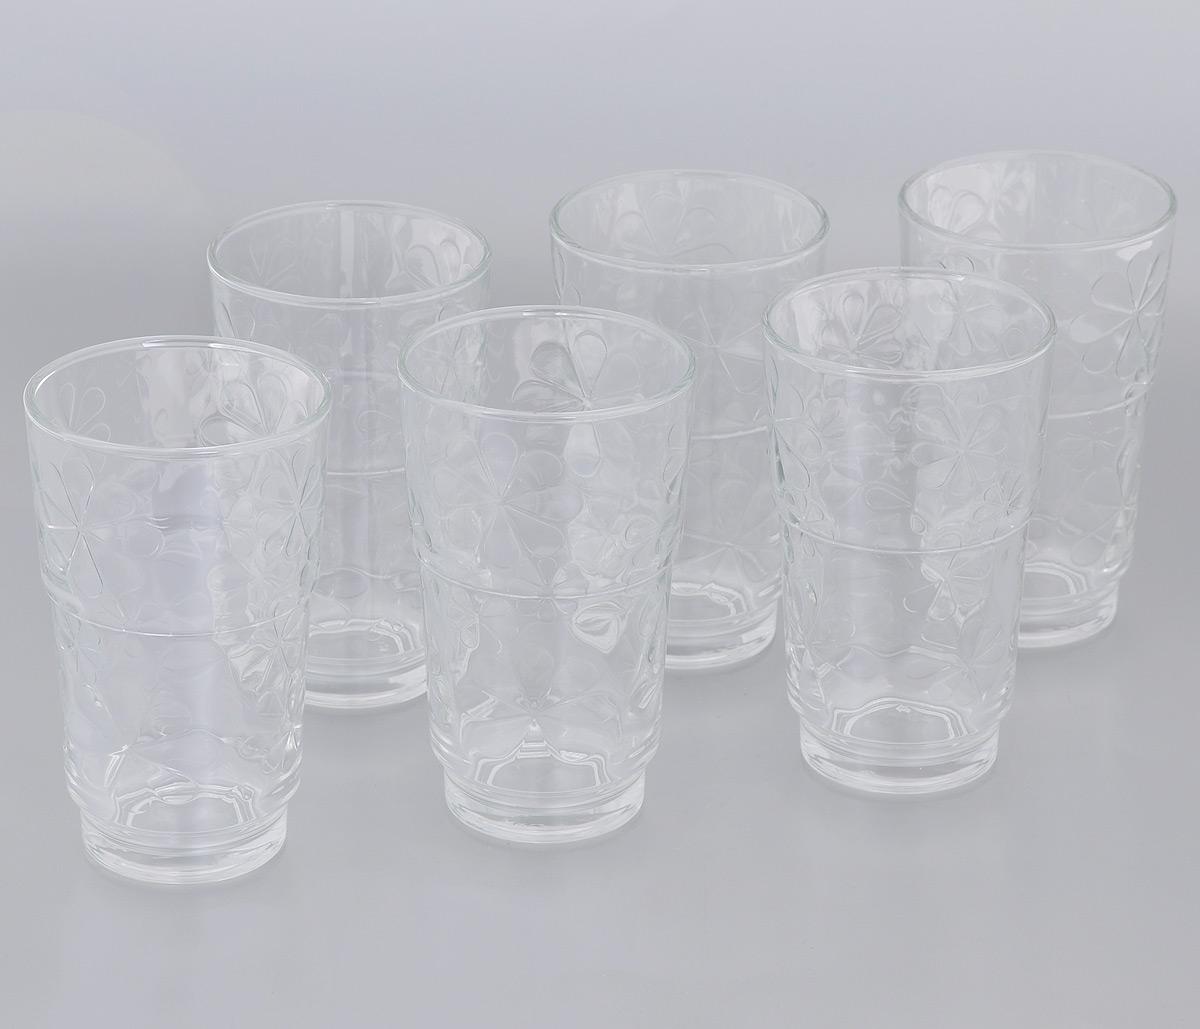 Набор стаканов Luminarc Funny Flowers, 270 мл, 6 штVT-1520(SR)Набор Luminarc Funny Flowers состоит из 6 стаканов, выполненных из стекла. Они отличаются особой легкостью и прочностью, излучают приятный блеск и издают мелодичный хрустальный звон. Стаканы станут идеальным украшением праздничного стола и отличным подарком к любому празднику.Можно мыть в посудомоечной машине.Диаметр стакана (по верхнему краю): 7,2 см.Высота: 12 см.